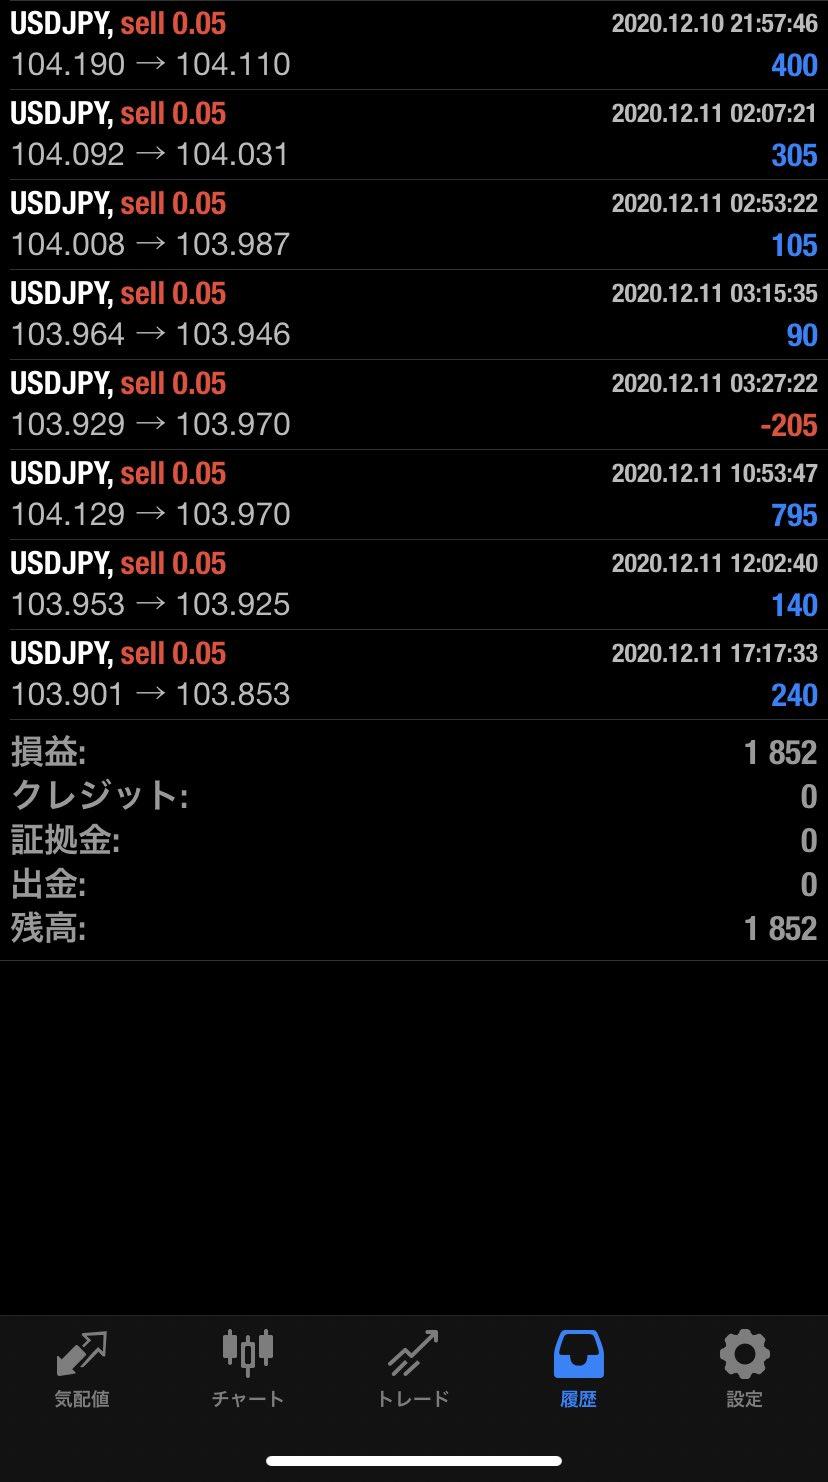 2020年12月11日 USD/JPYバージョン1,852円